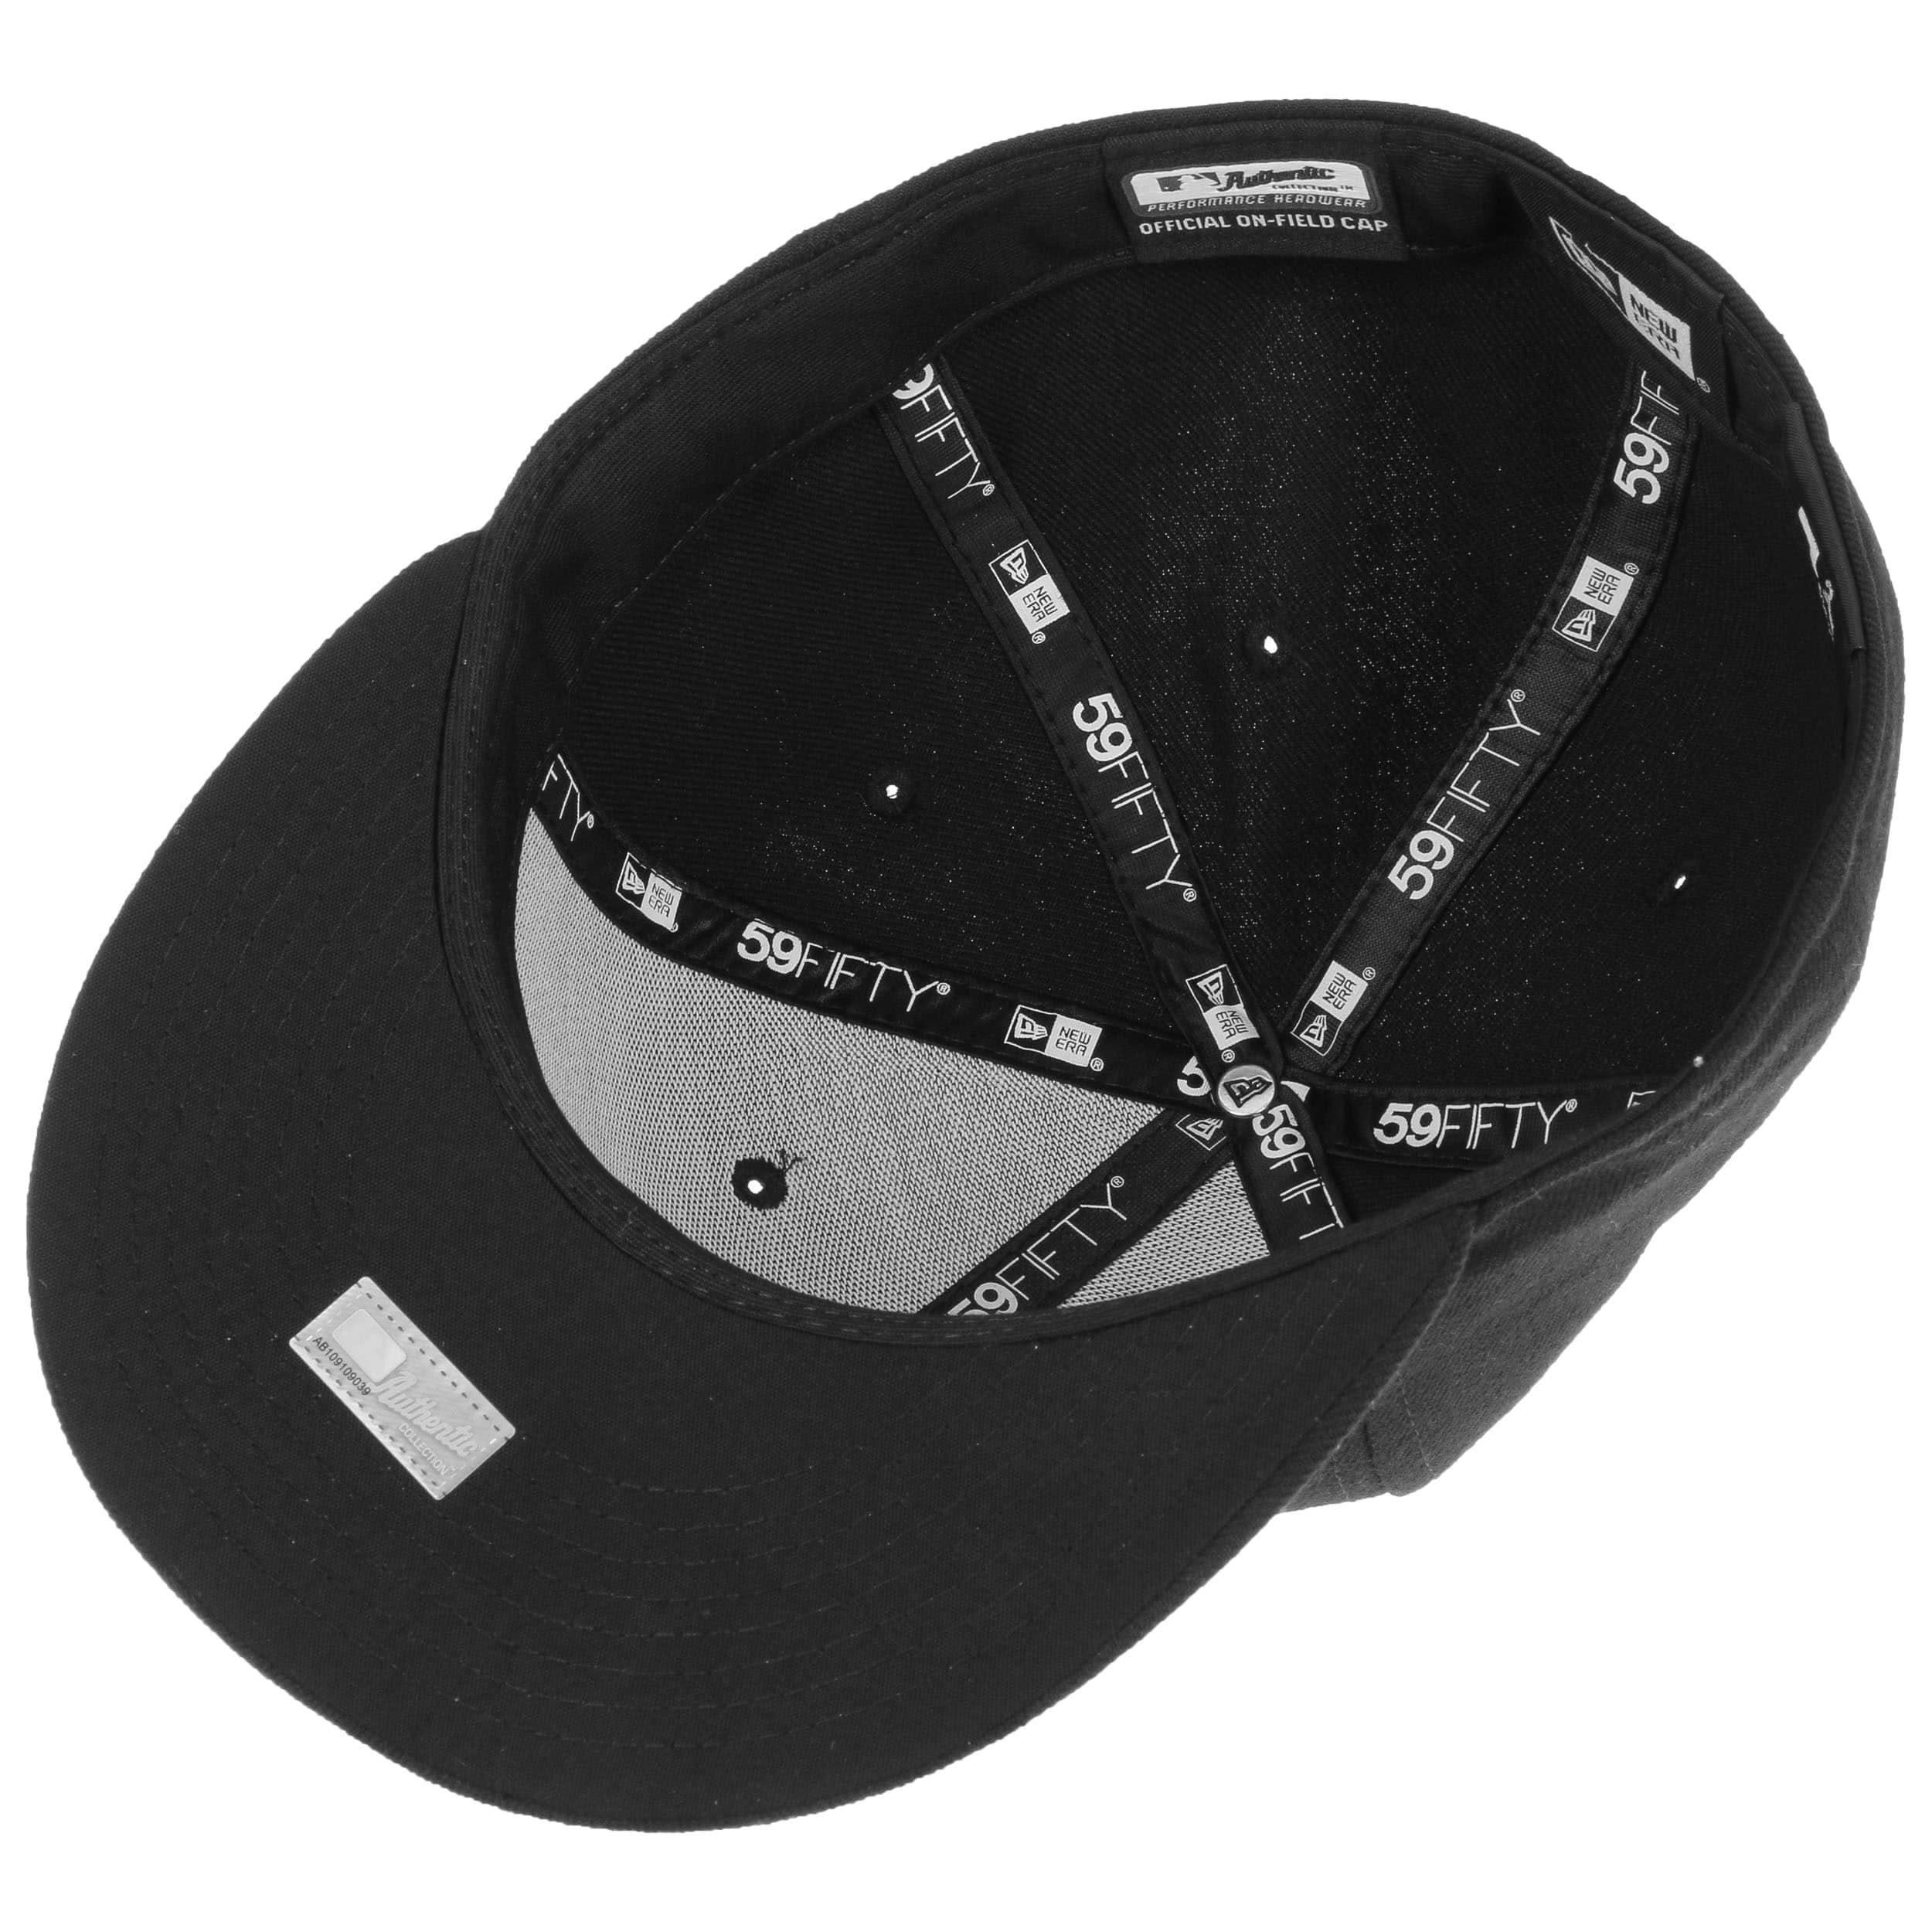 0afaf9c20819c Gorra 59Fifty TSF White Sox by New Era - Gorras - sombreroshop.es